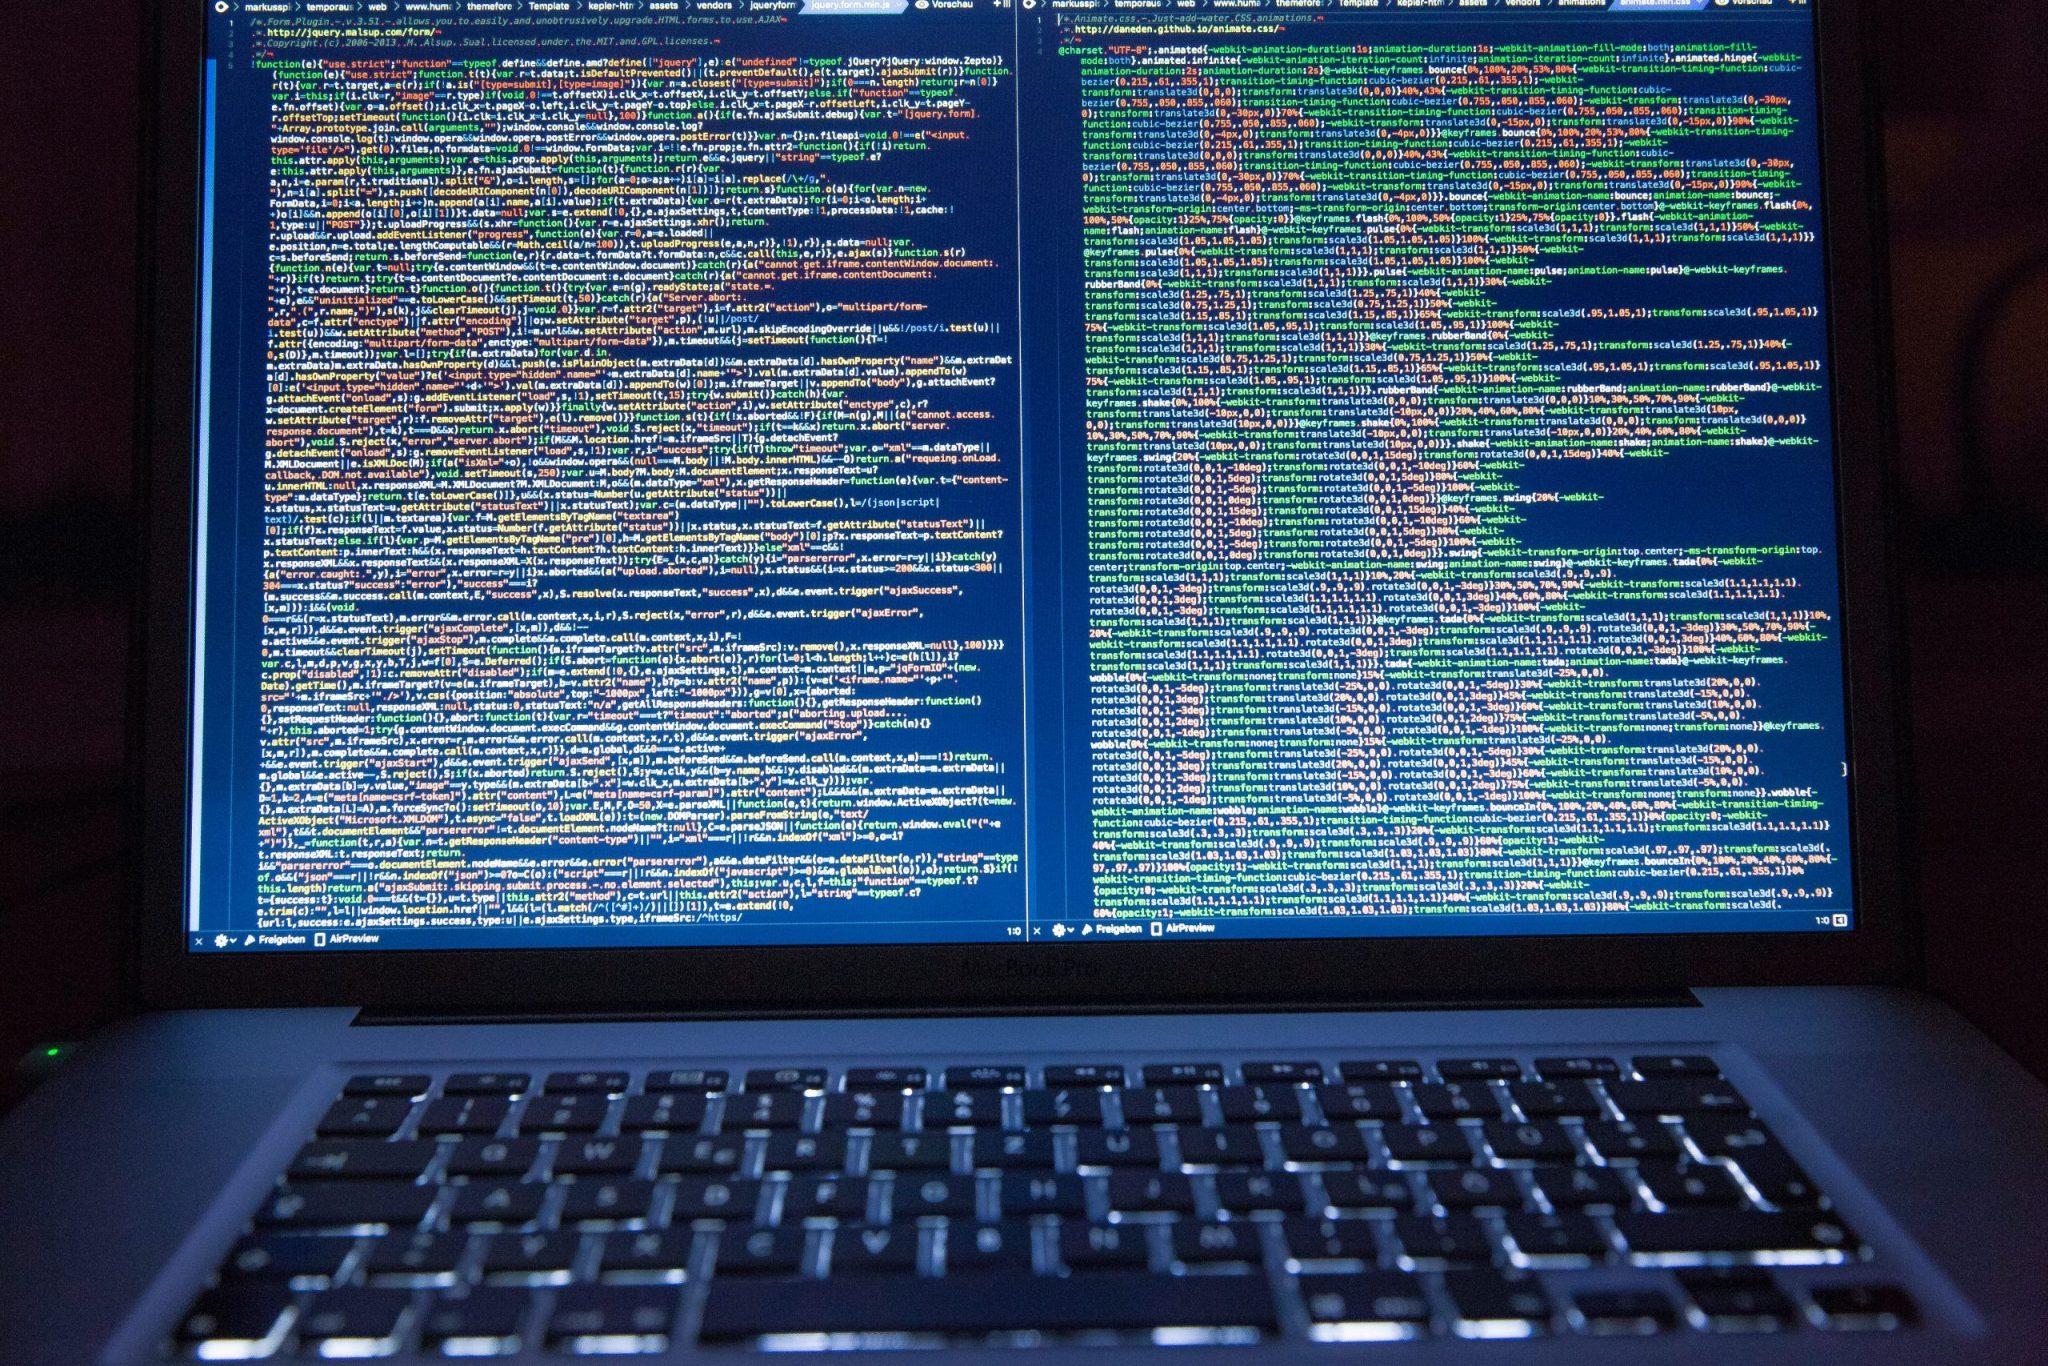 Las Redes Sociales y el efecto expansivo del Big Data